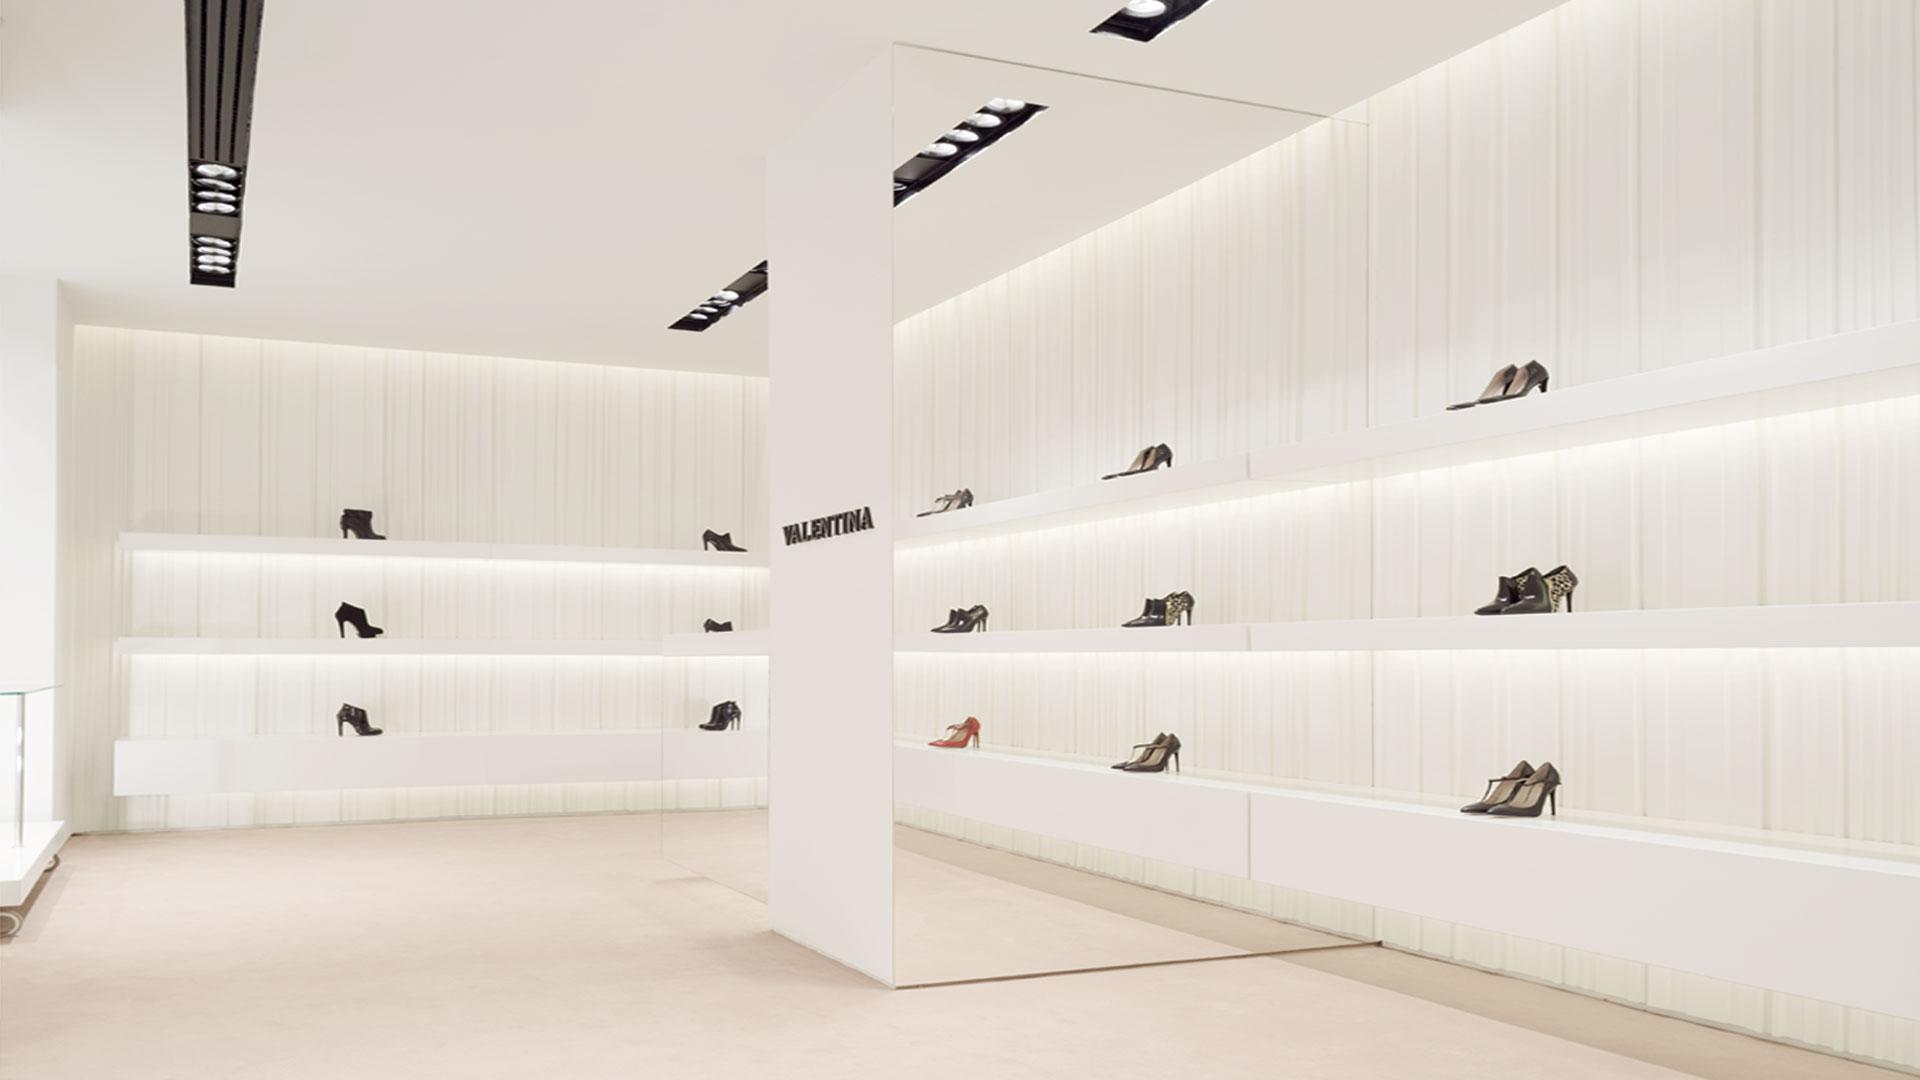 7ae5859c608c design arredo interni negozio scarpe - Startup Architettura